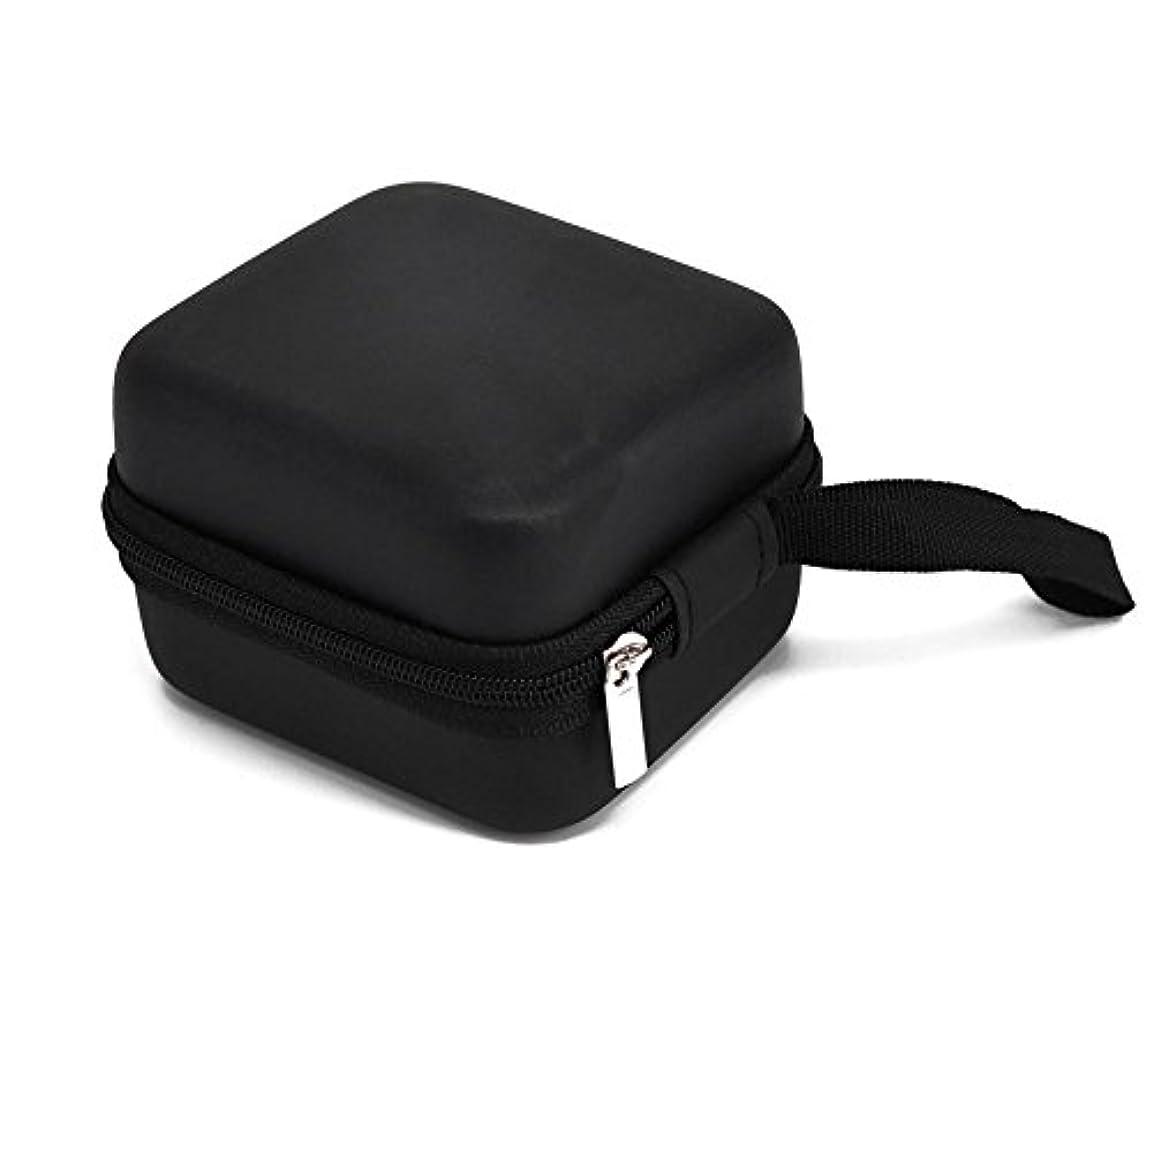 ナプキン必要としているチャップFarlong 7グリッド 5ML 精油貯蔵袋 エスニックスタイル オイル収納ボックス 人気の 精油 ケース 5色